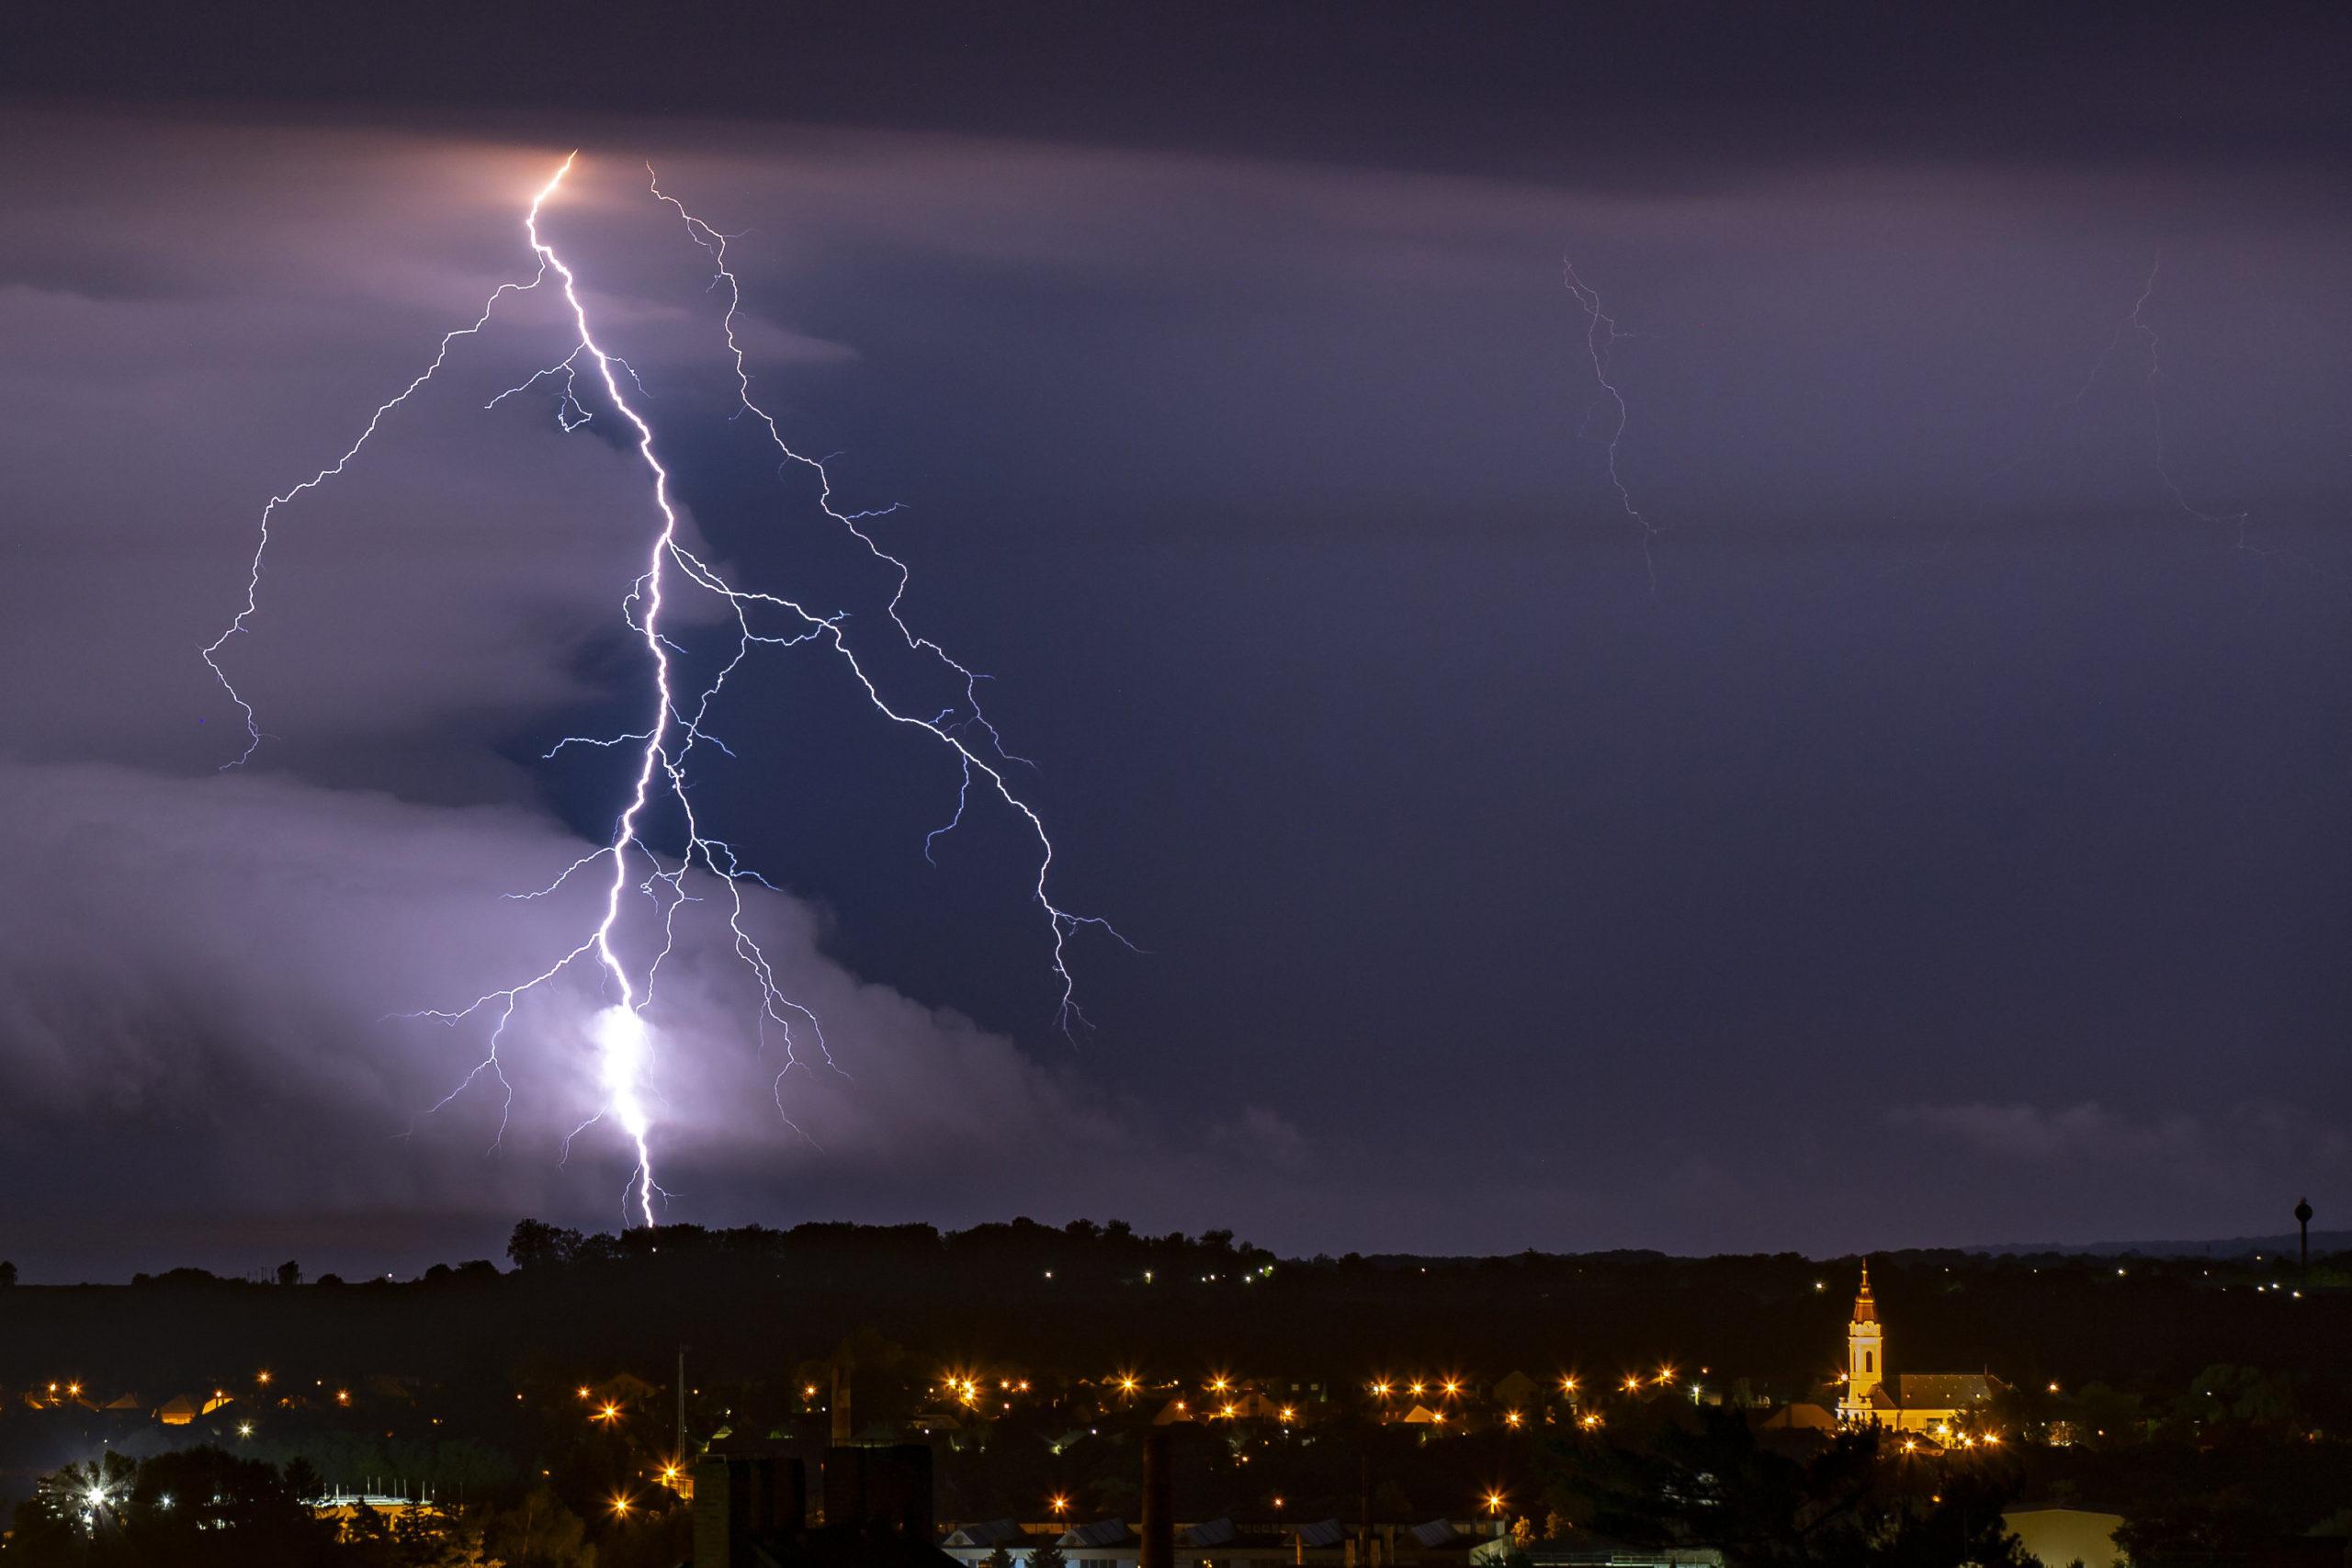 رعد و برق دیدنی در آسمان مجارستان + عکس